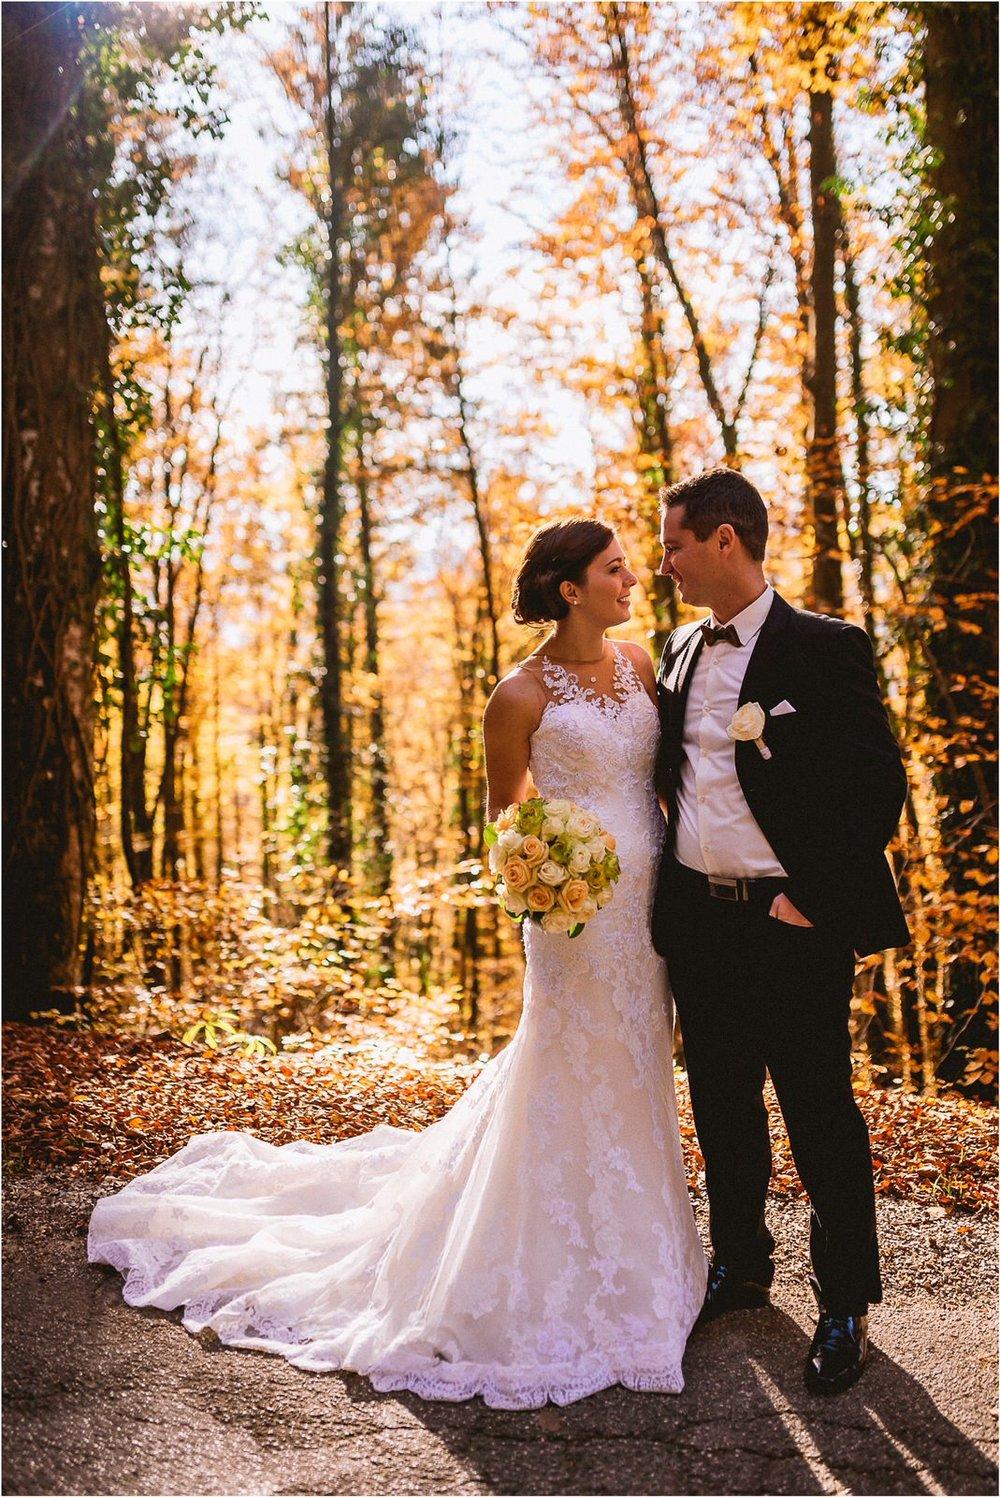 05 slovenija bled poroka ljubljana maribor brdo pri kranji nika grega porocni fotograf fotografiranje narava zaroka zaobljuba 001.jpg